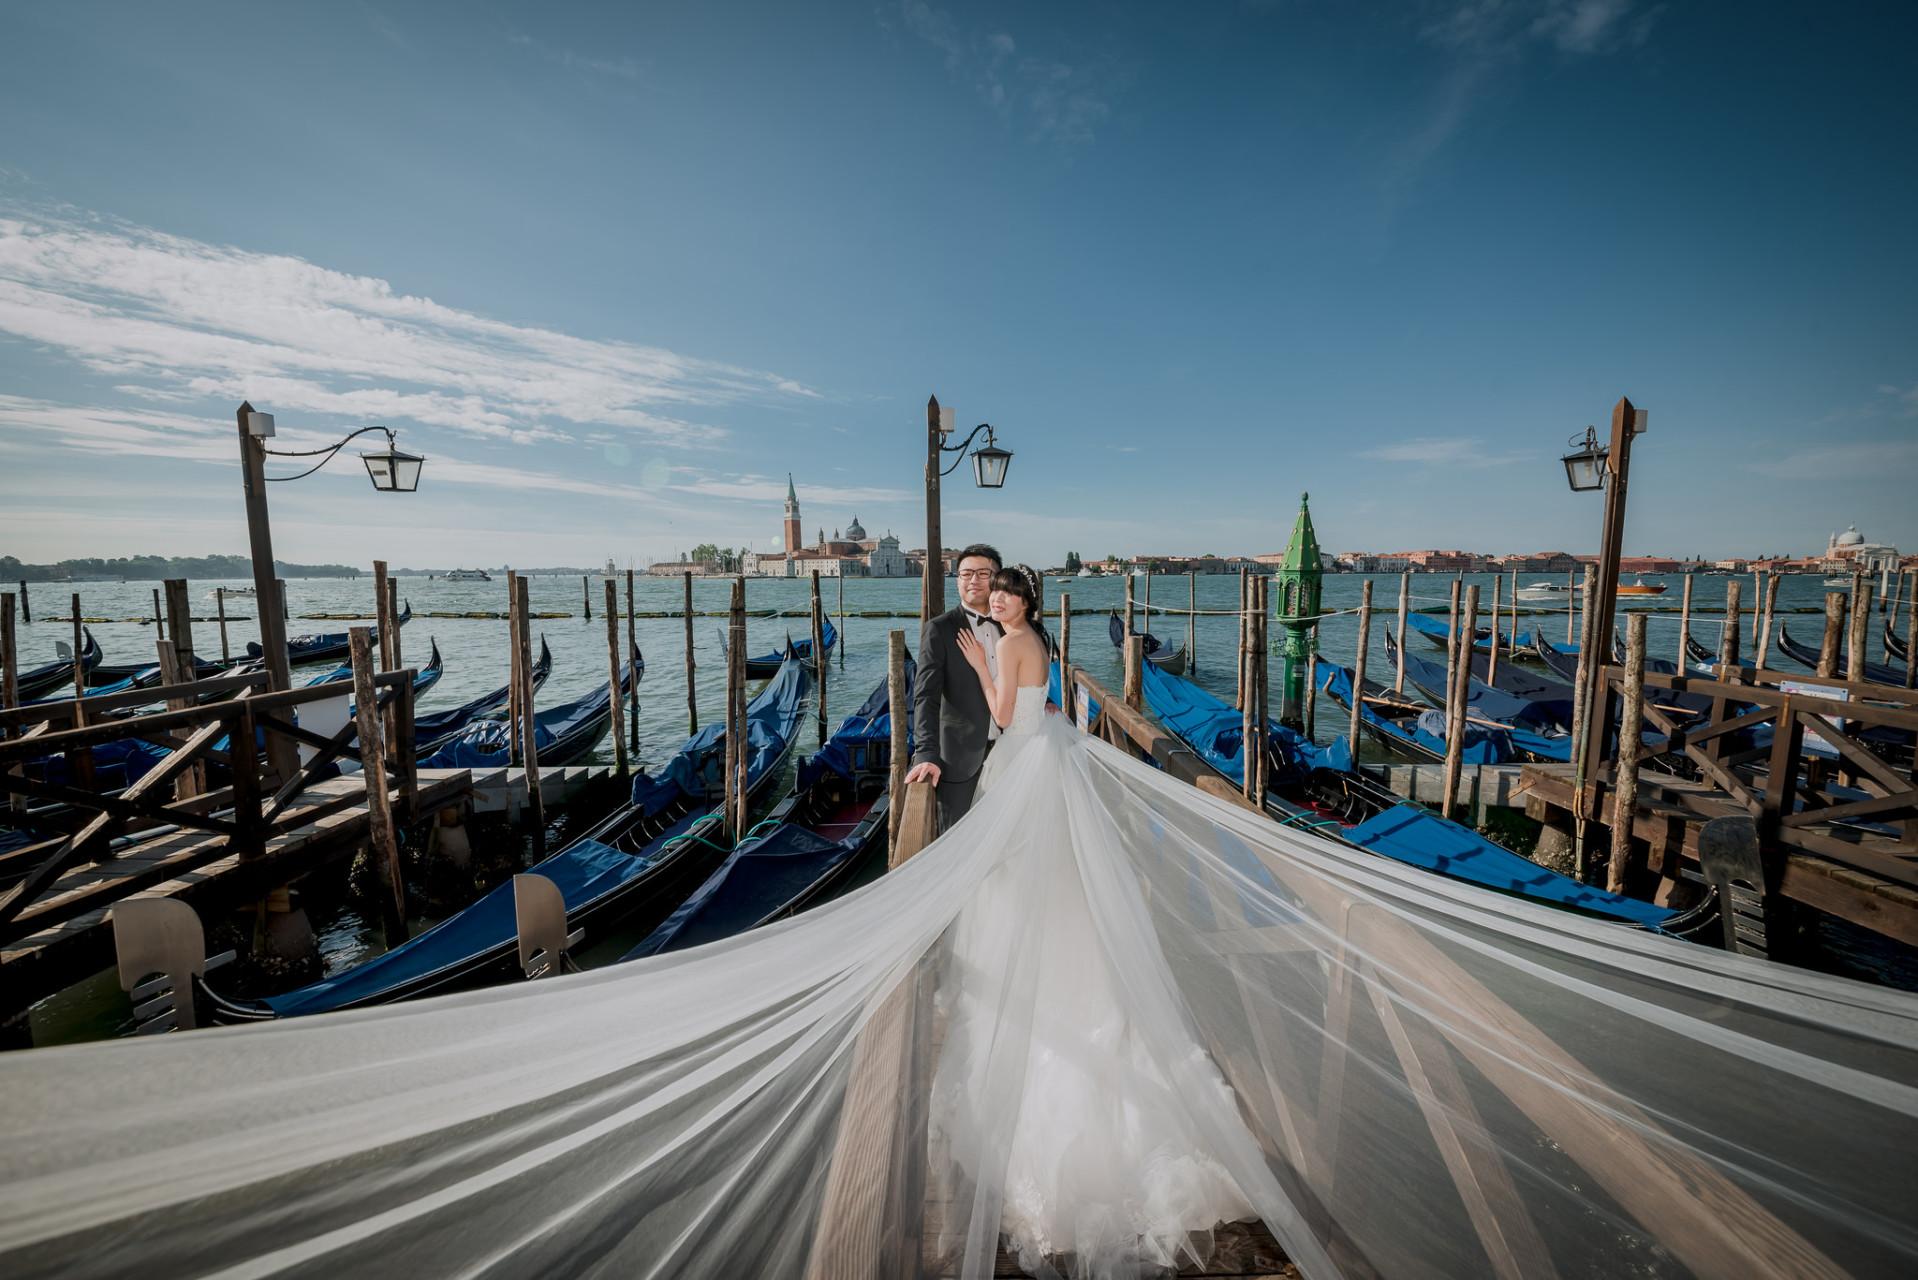 義大利威尼斯海外婚紗